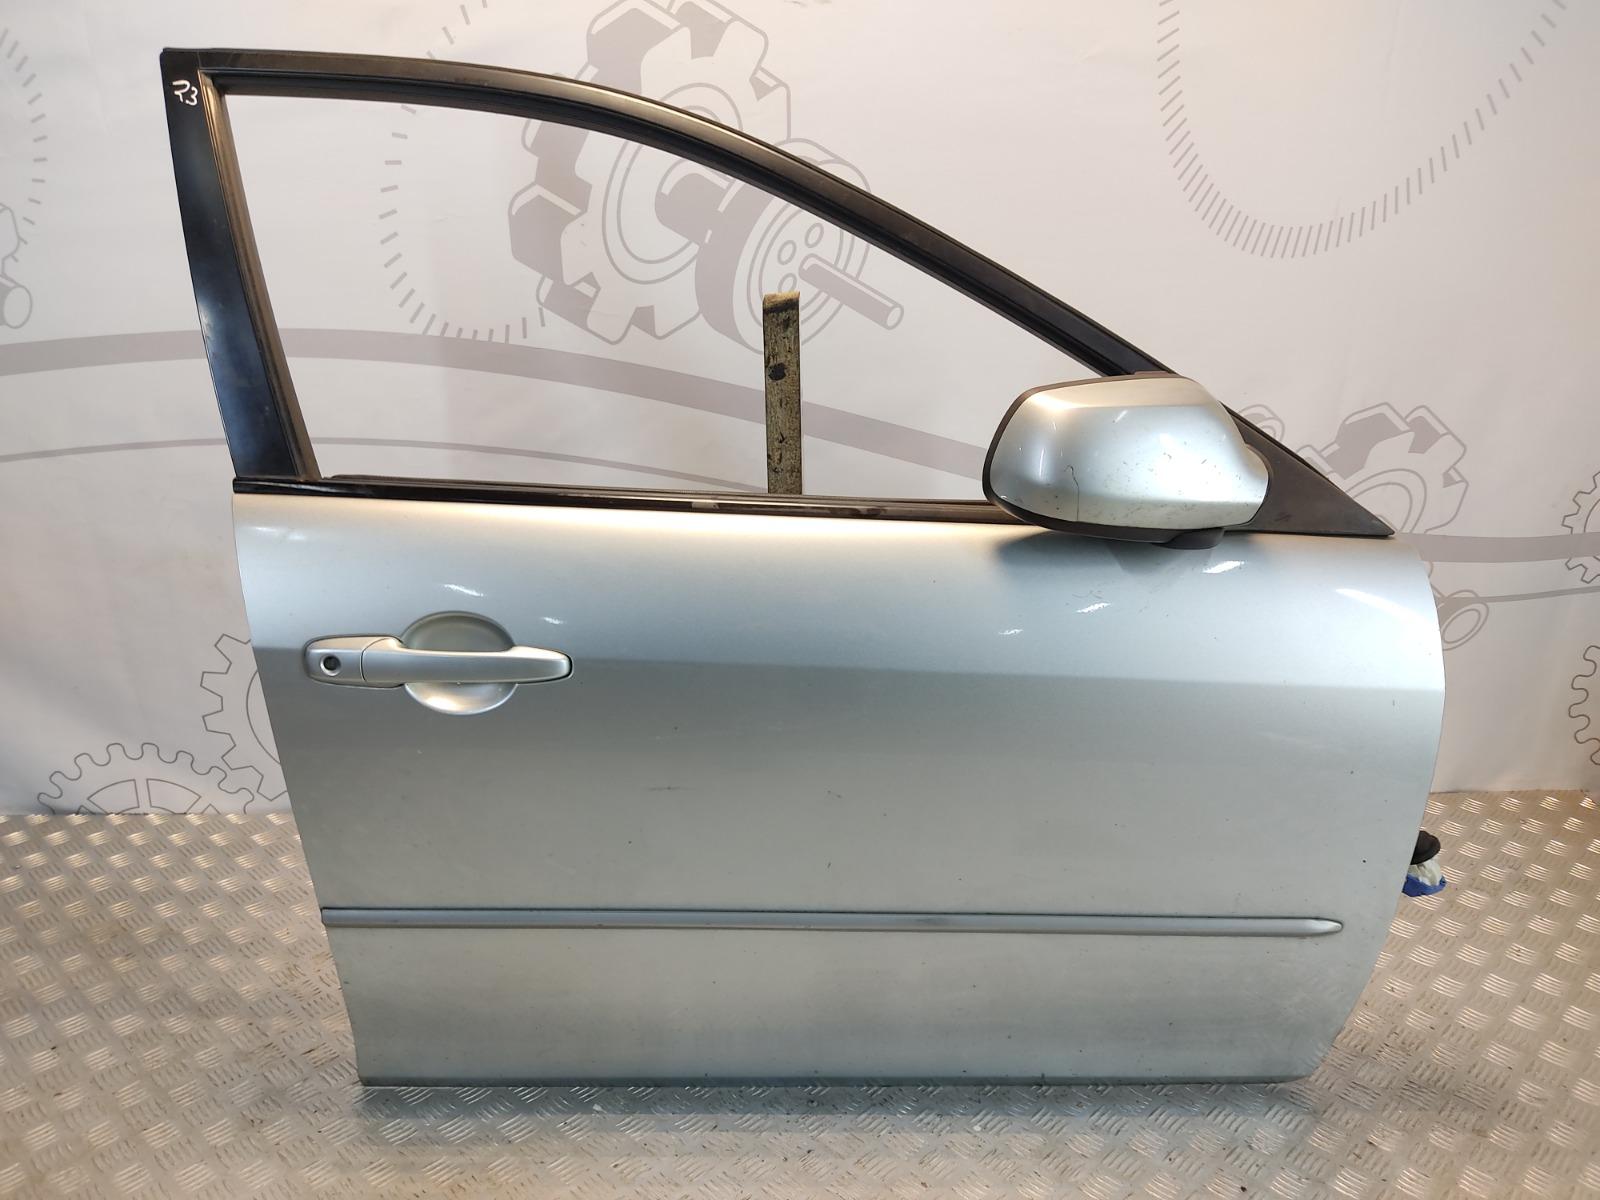 Дверь передняя правая Mazda 6 2.0 I 2006 (б/у)